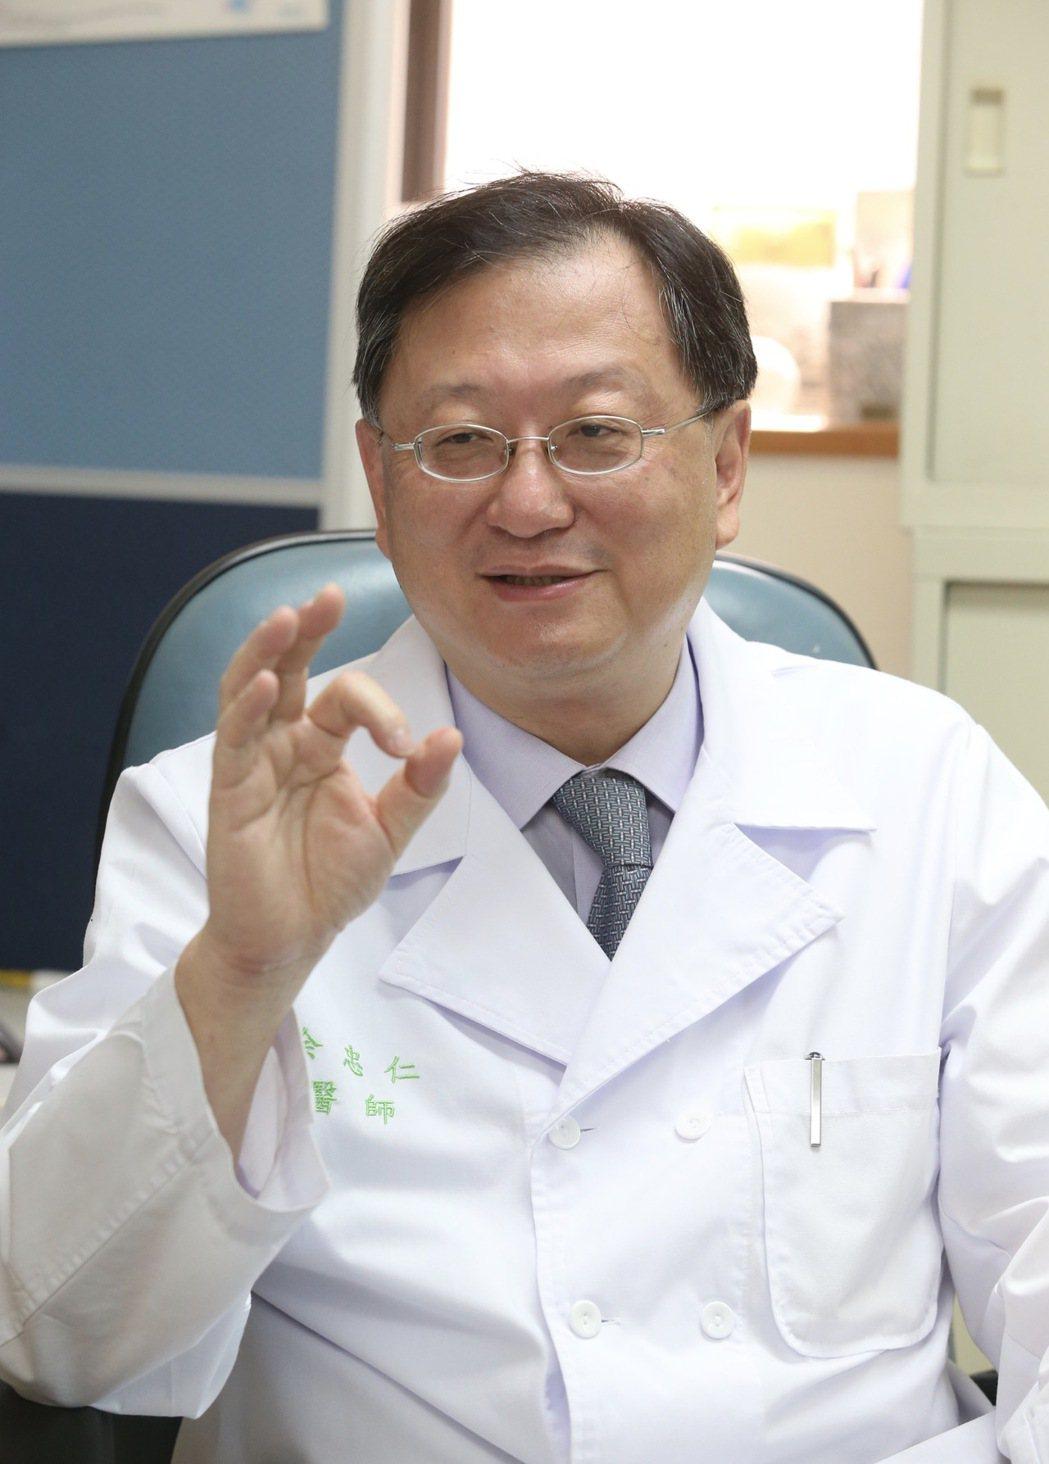 台大醫院新竹生醫園區分院院長余忠仁指出,科技將幫助醫療人員回到以人為本的初衷。...